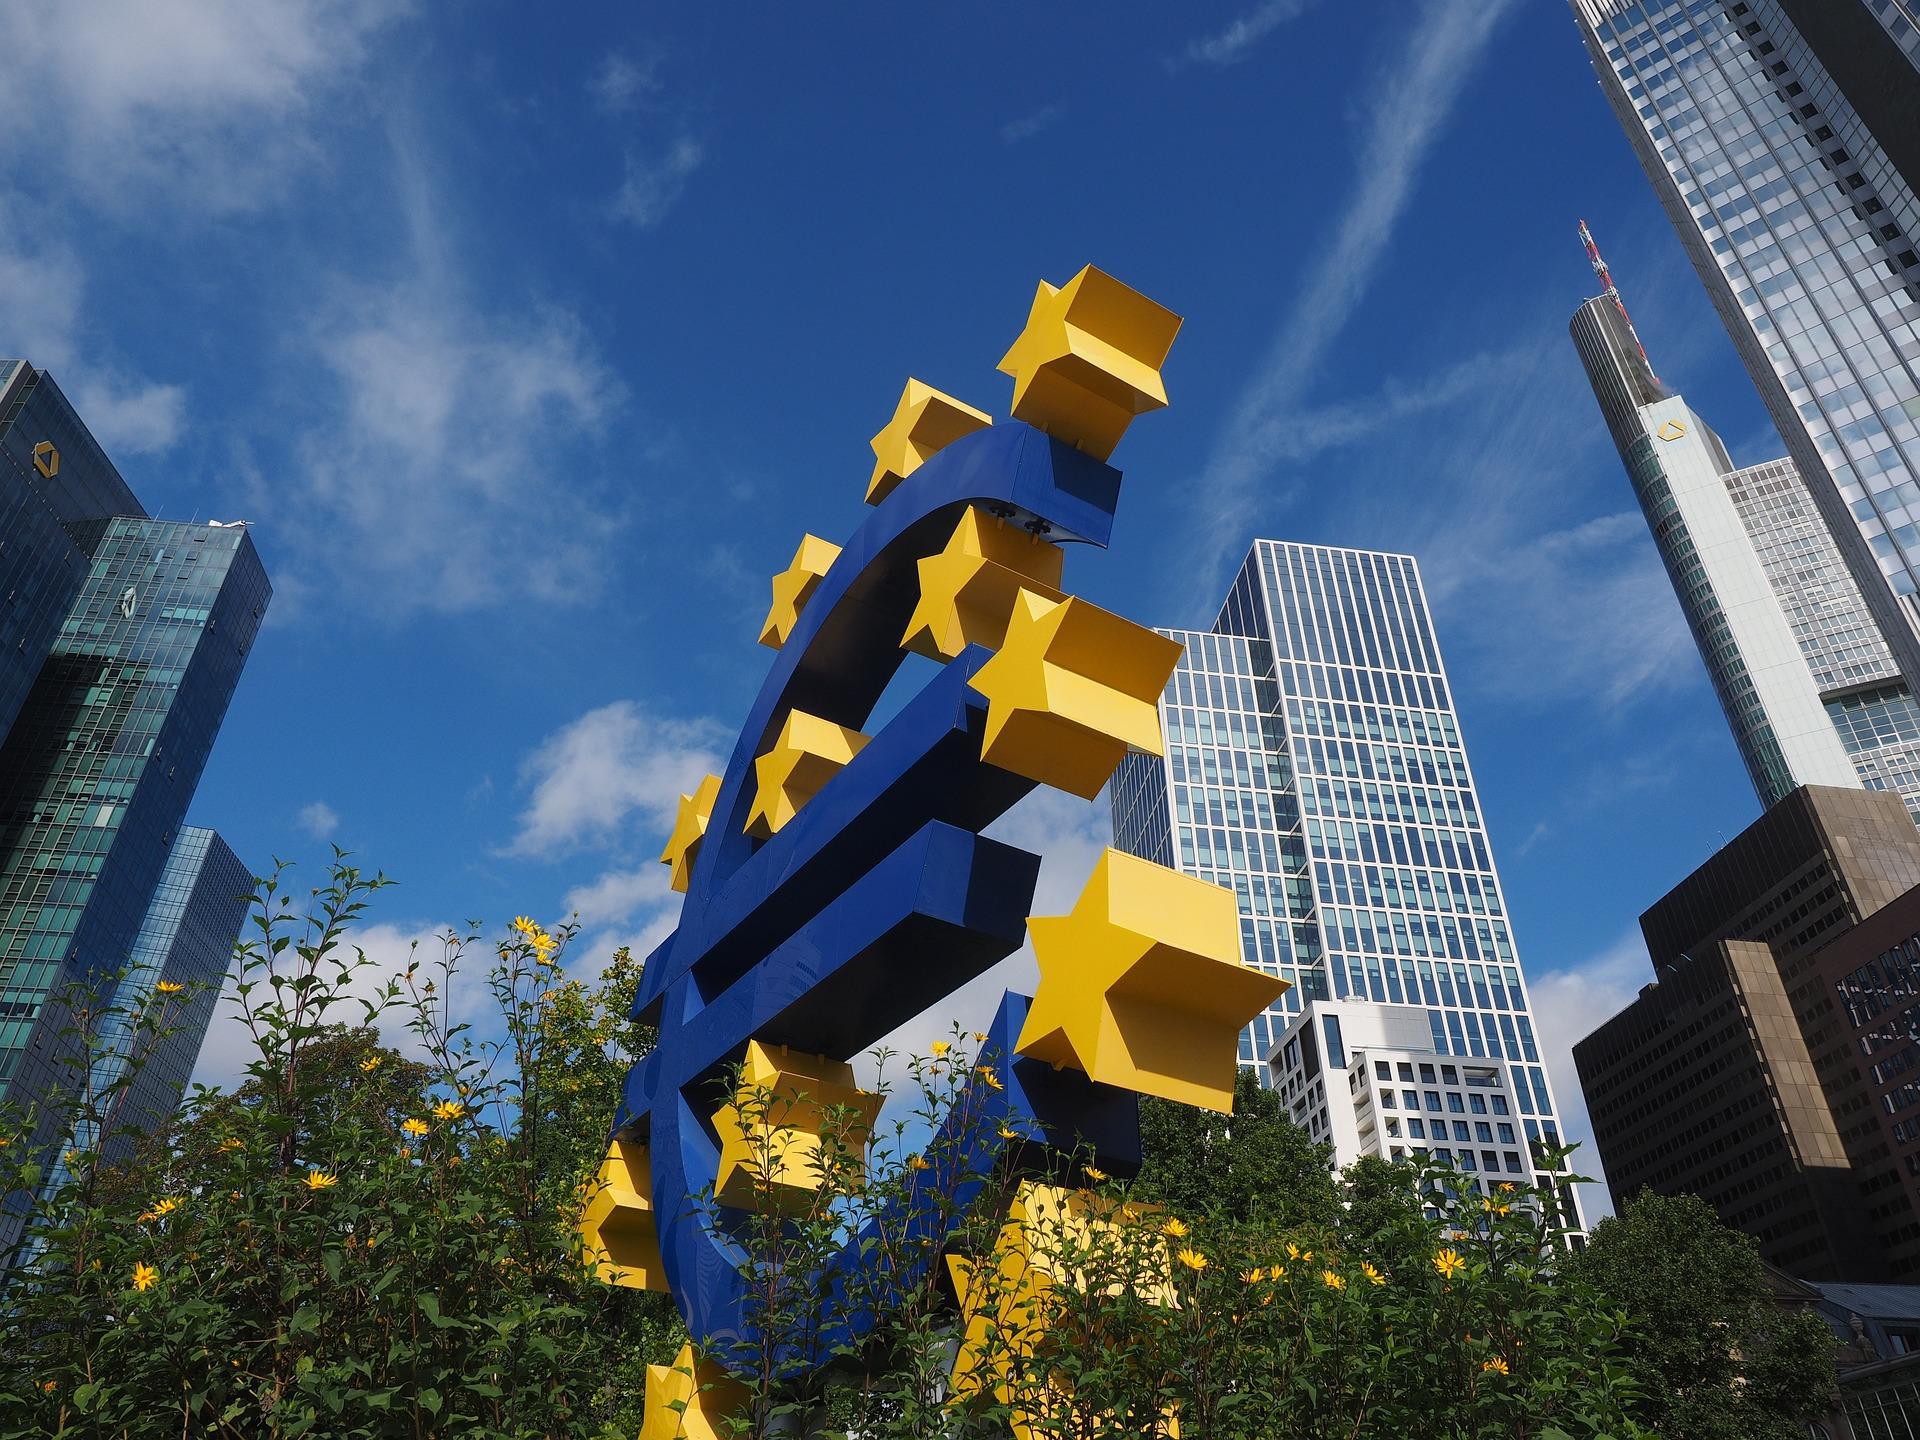 L'inflation n'effraie plus la BCE, elle change sa politique monétaire